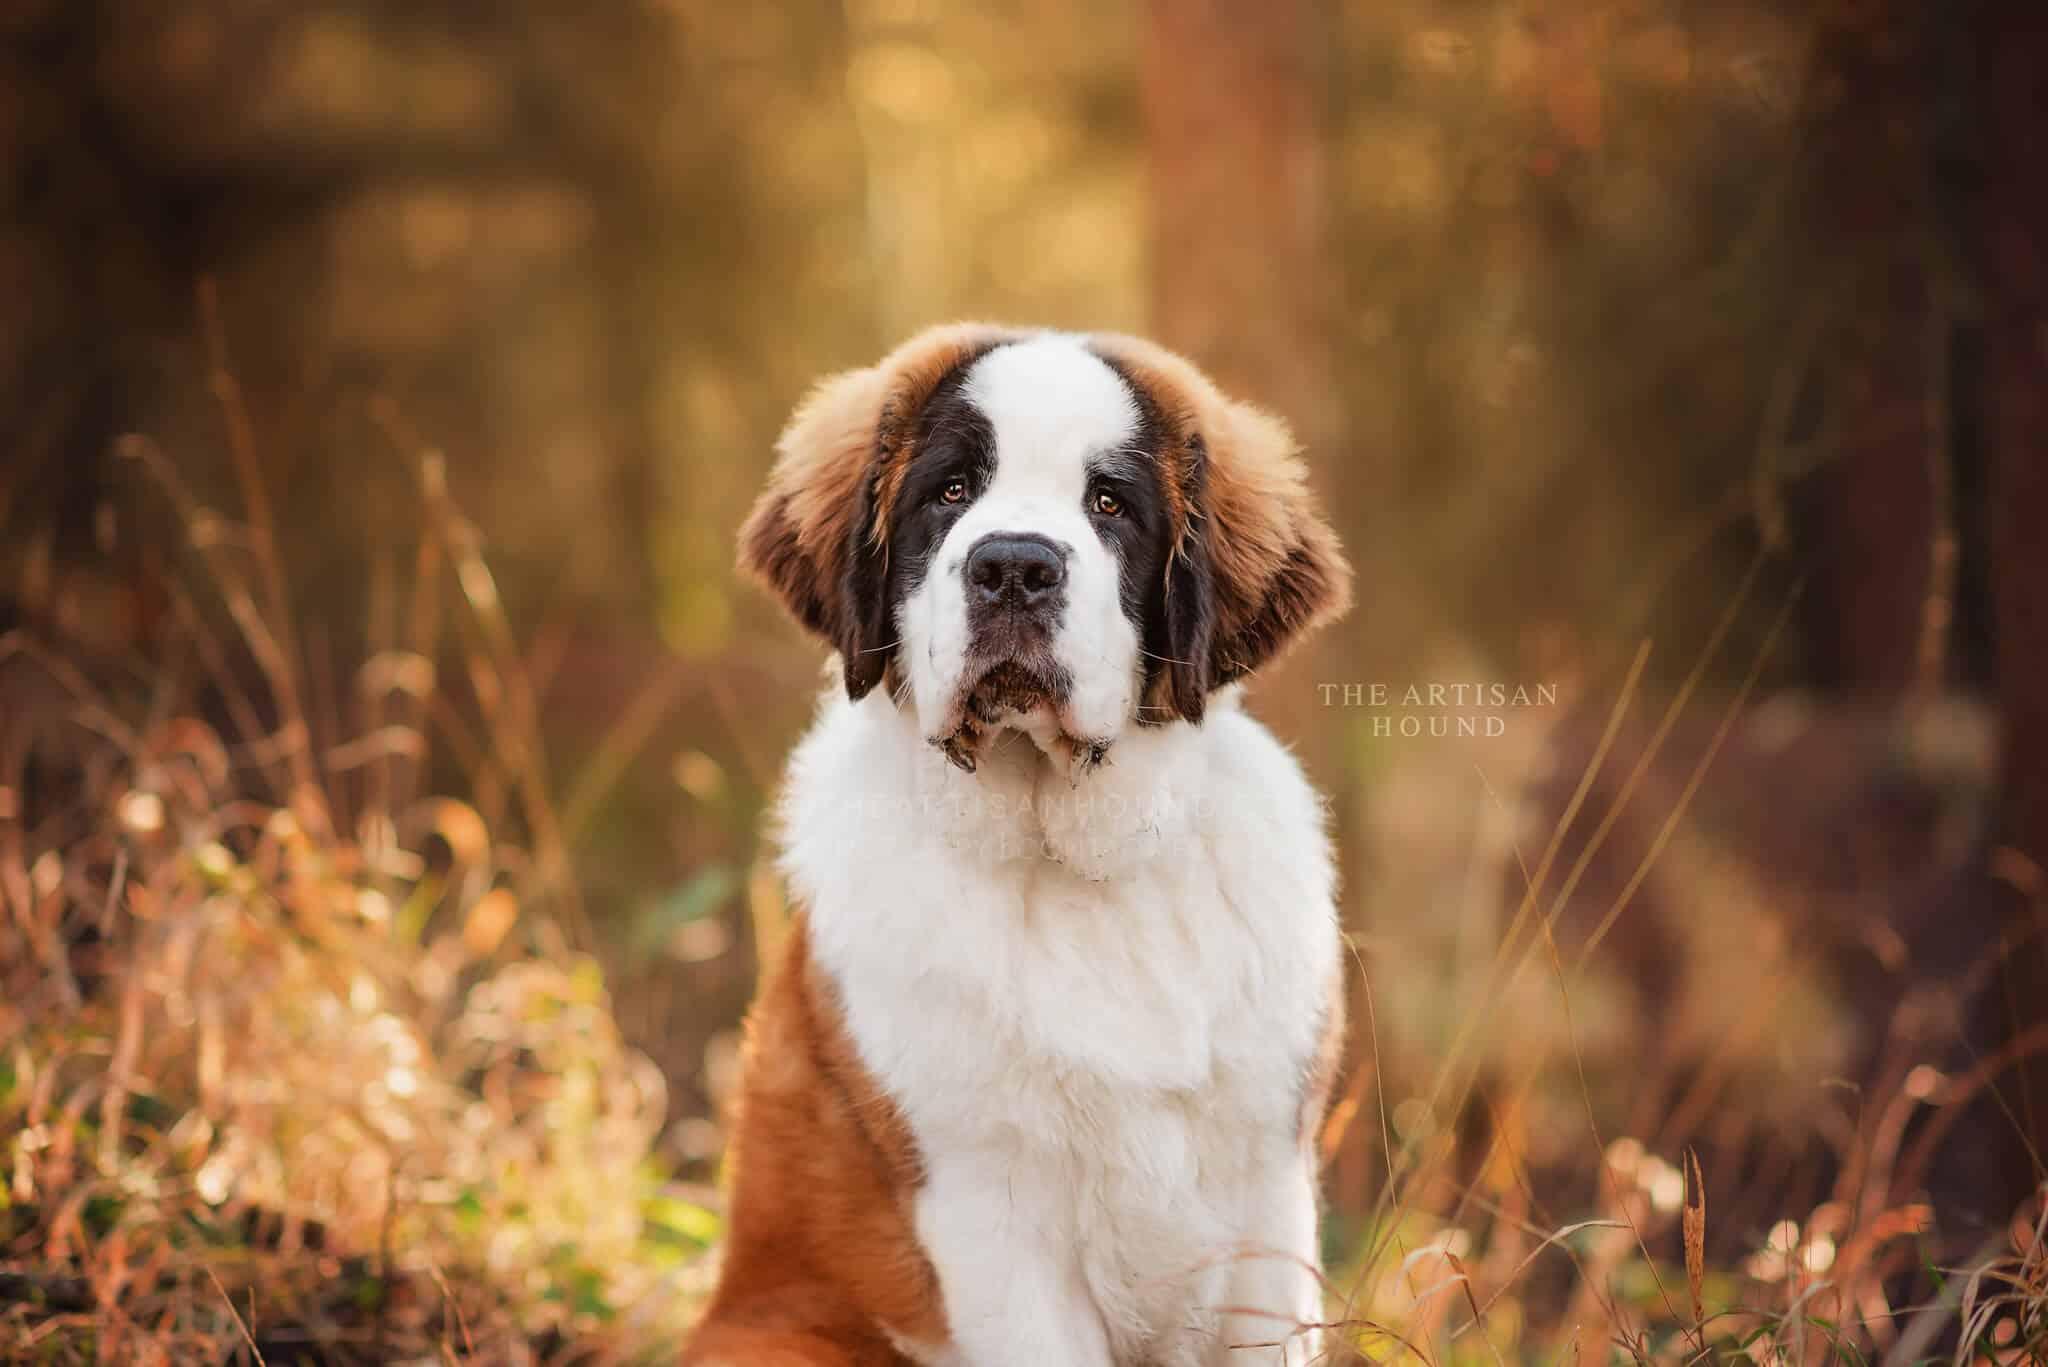 Portrait of St Bernard puppy